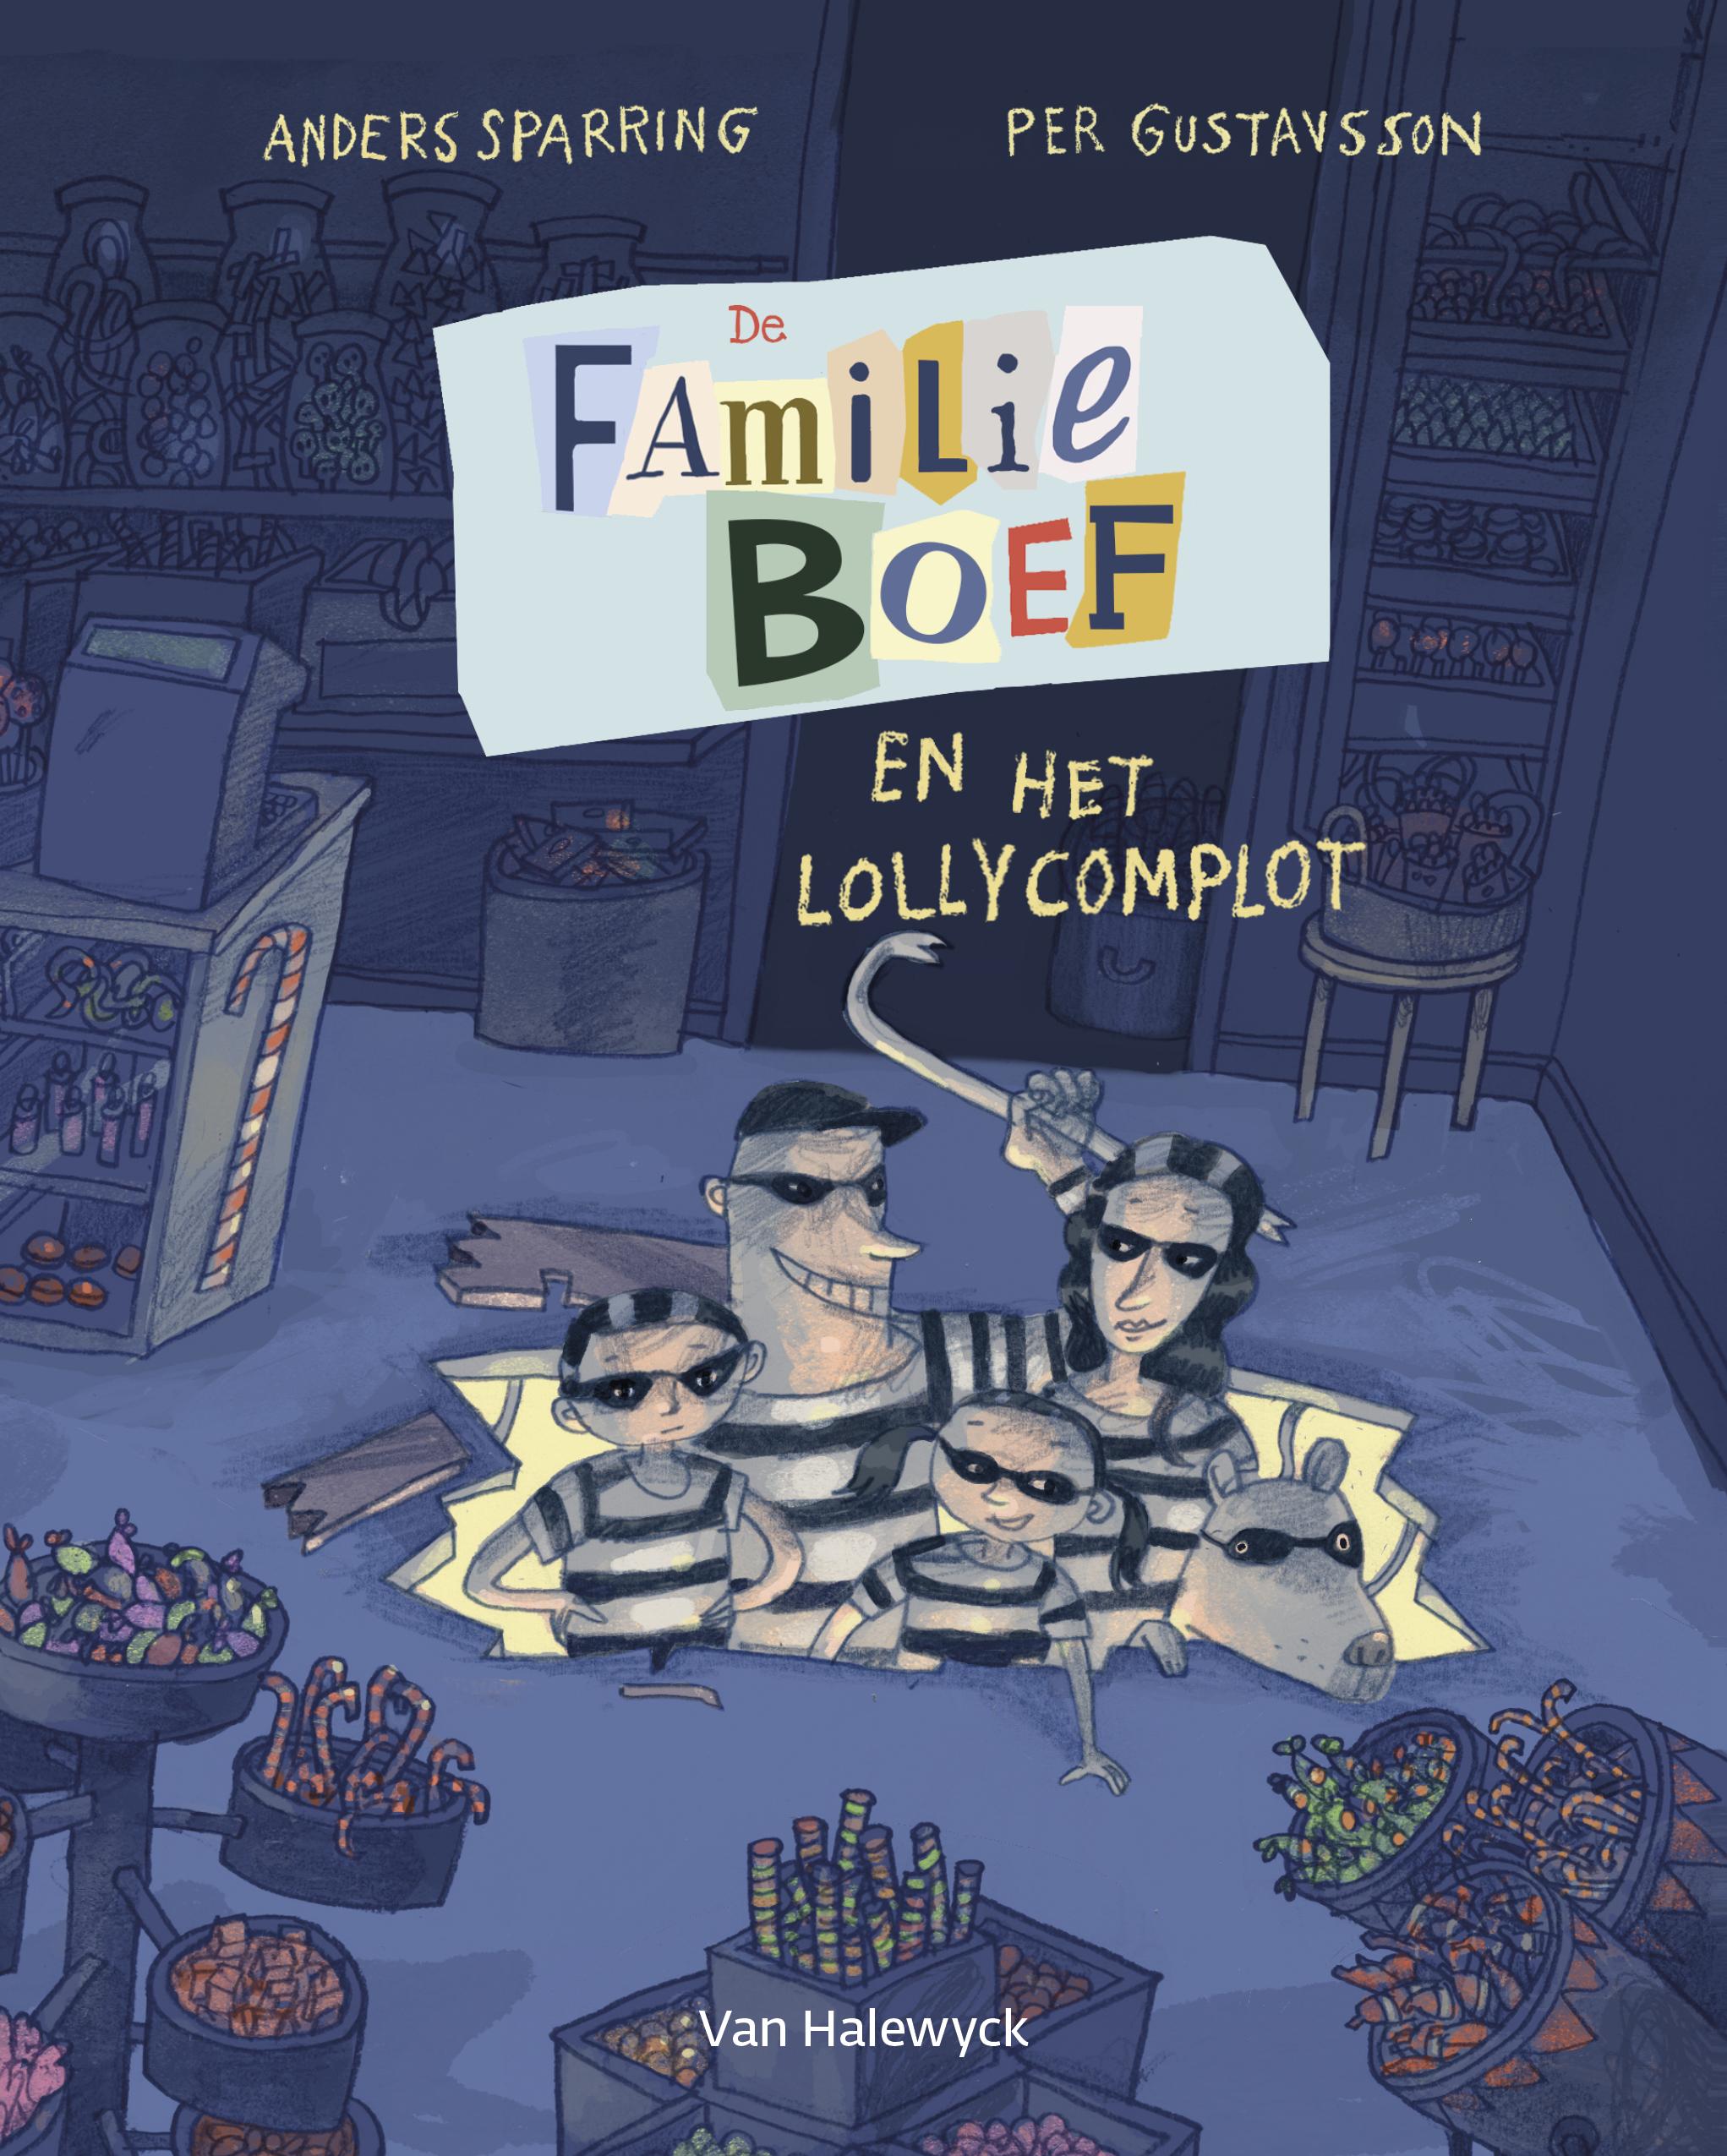 Familie Boef en het lollycomplot - Anders Sparring